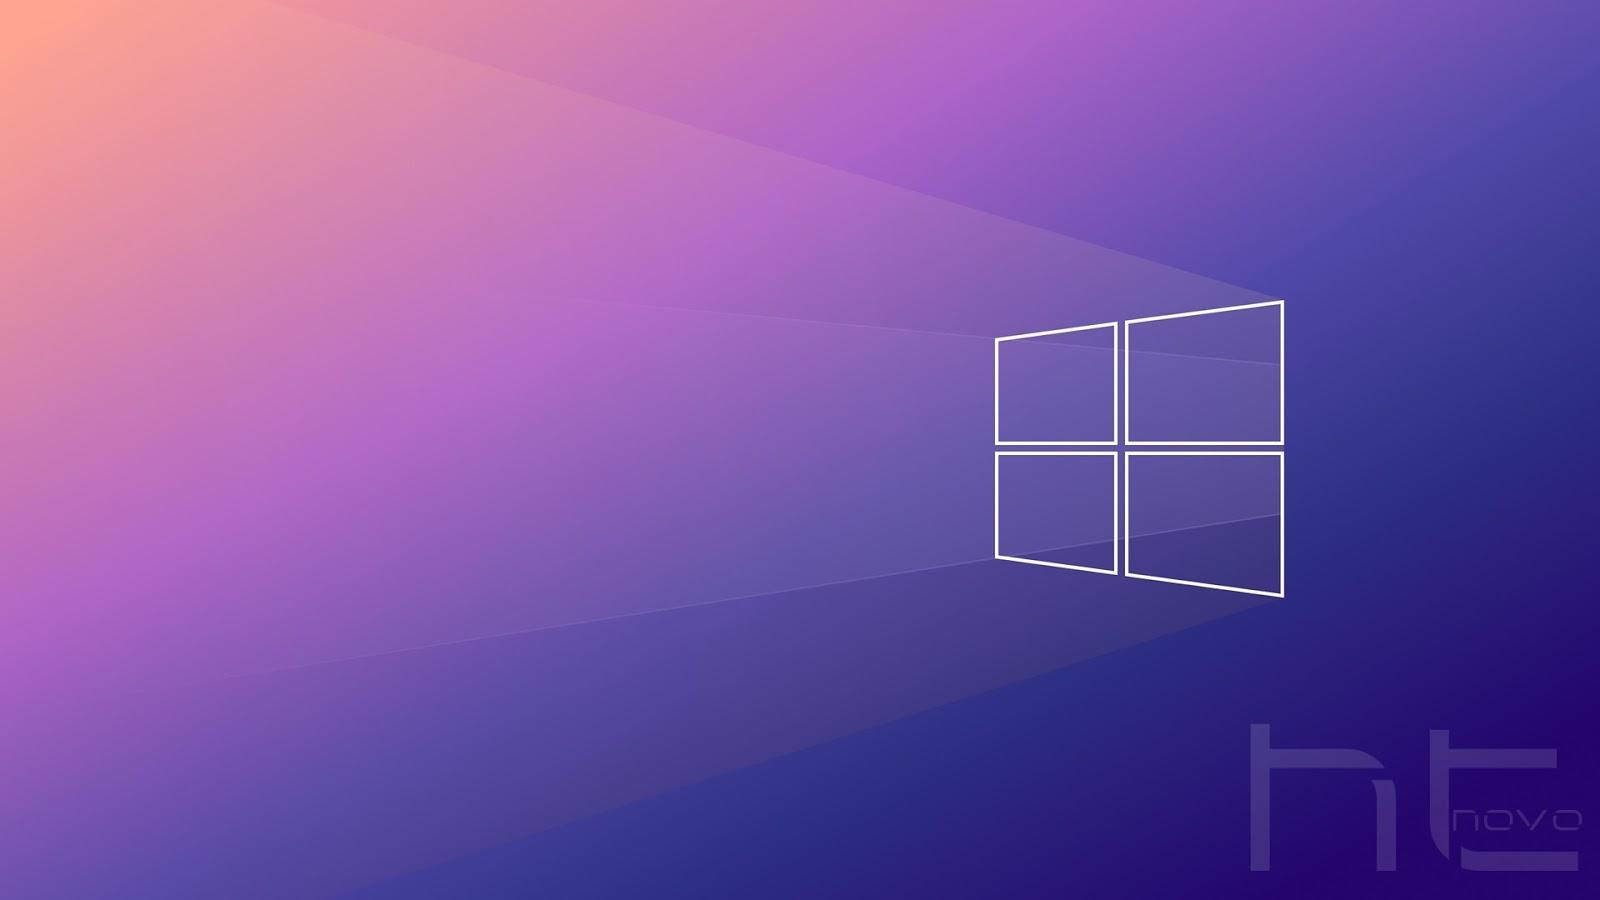 Aggiornamento per Windows 10 Versione 2004 - Build 19041.423